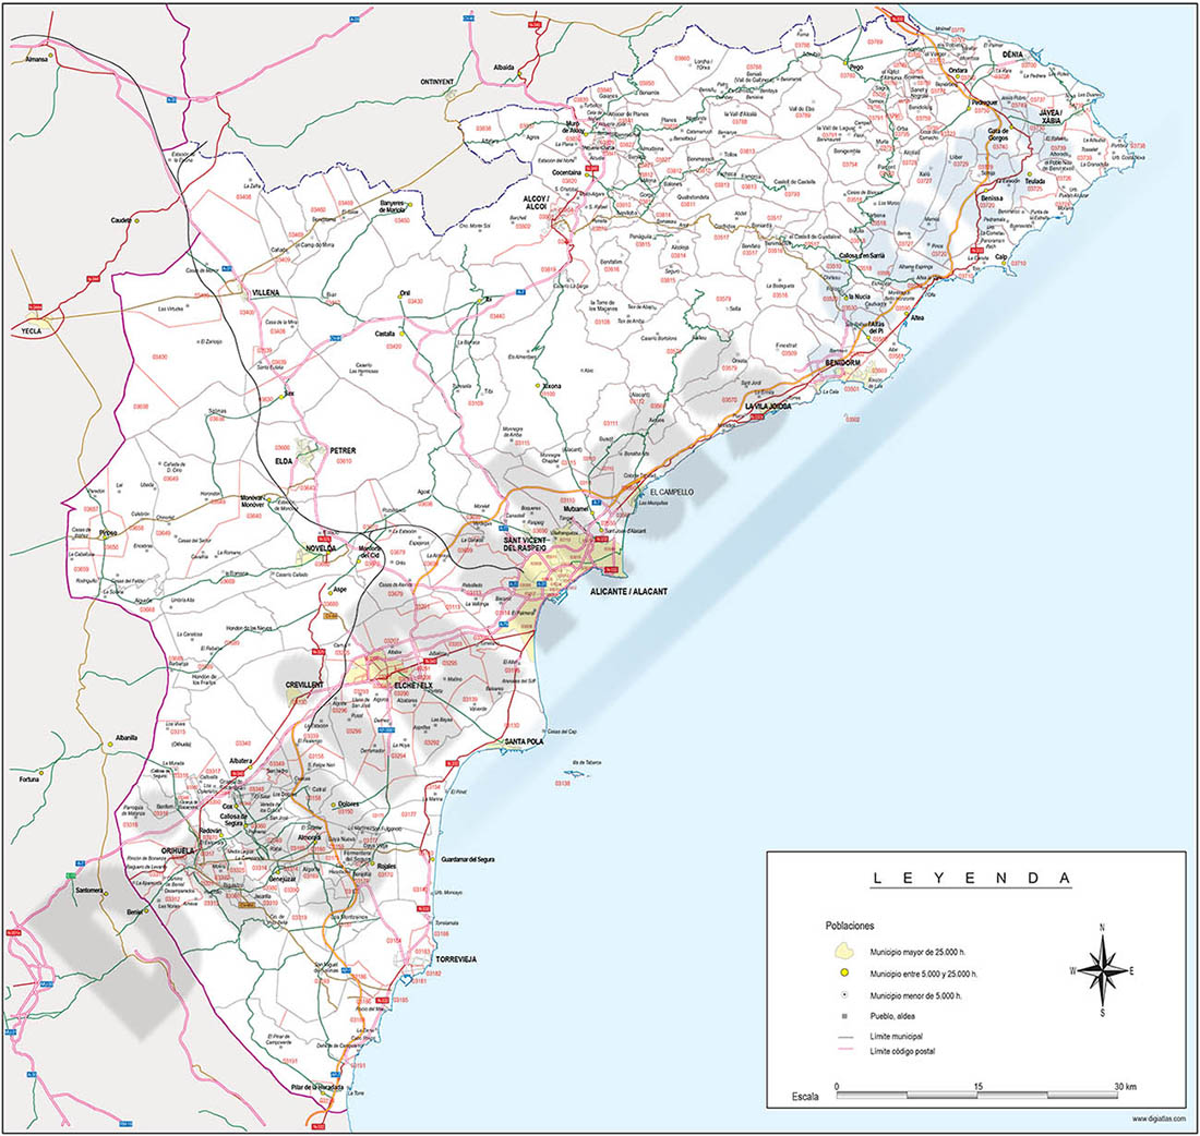 Alicante - mapa provincial con municipios, Códigos Postales y carreteras